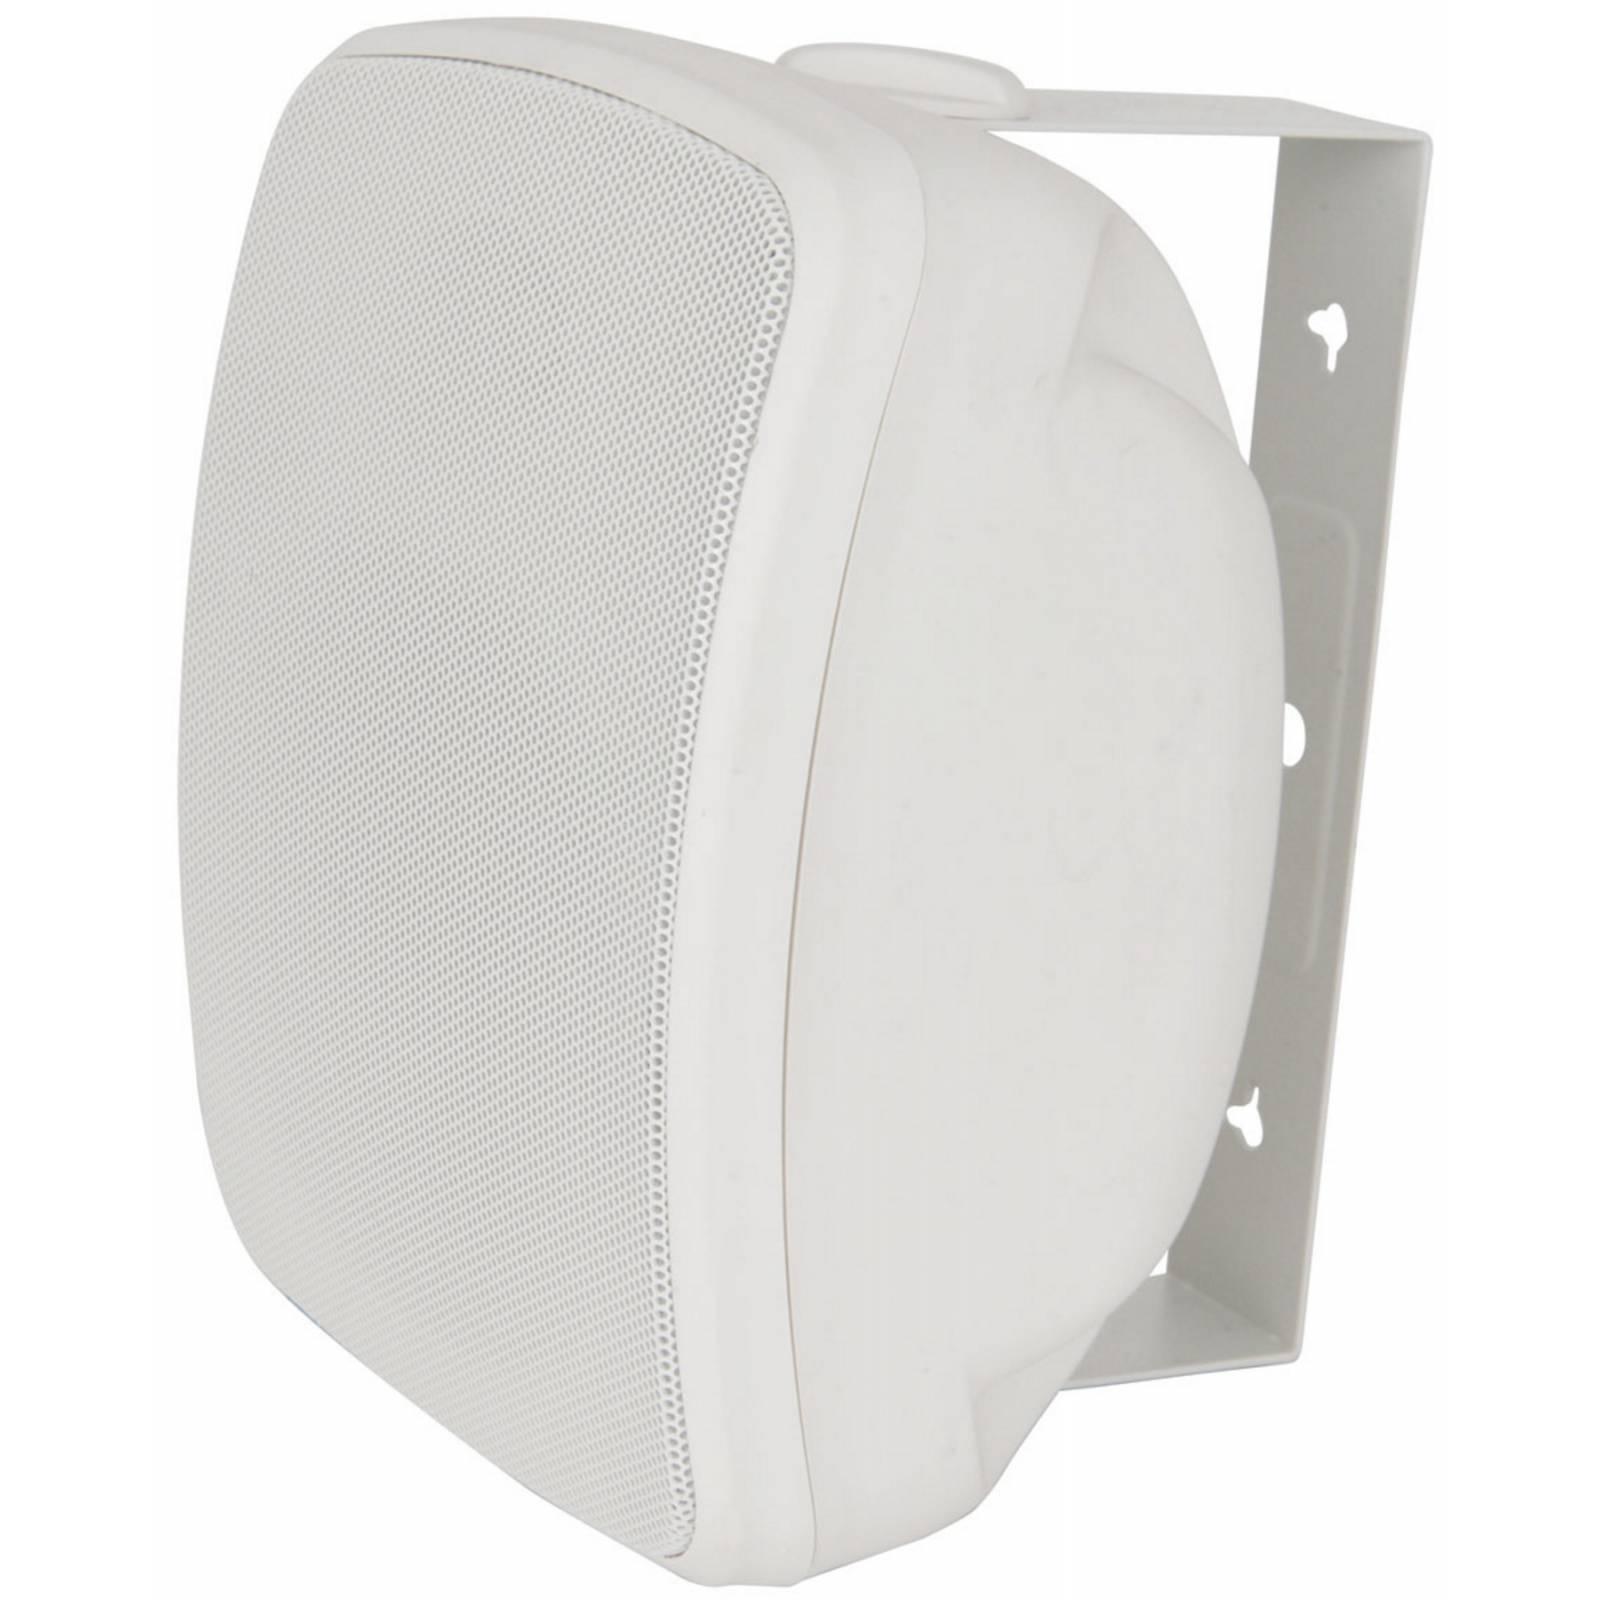 Adastra FC4V-W 4  Outdoor Weatherproof 40W Wall Speaker